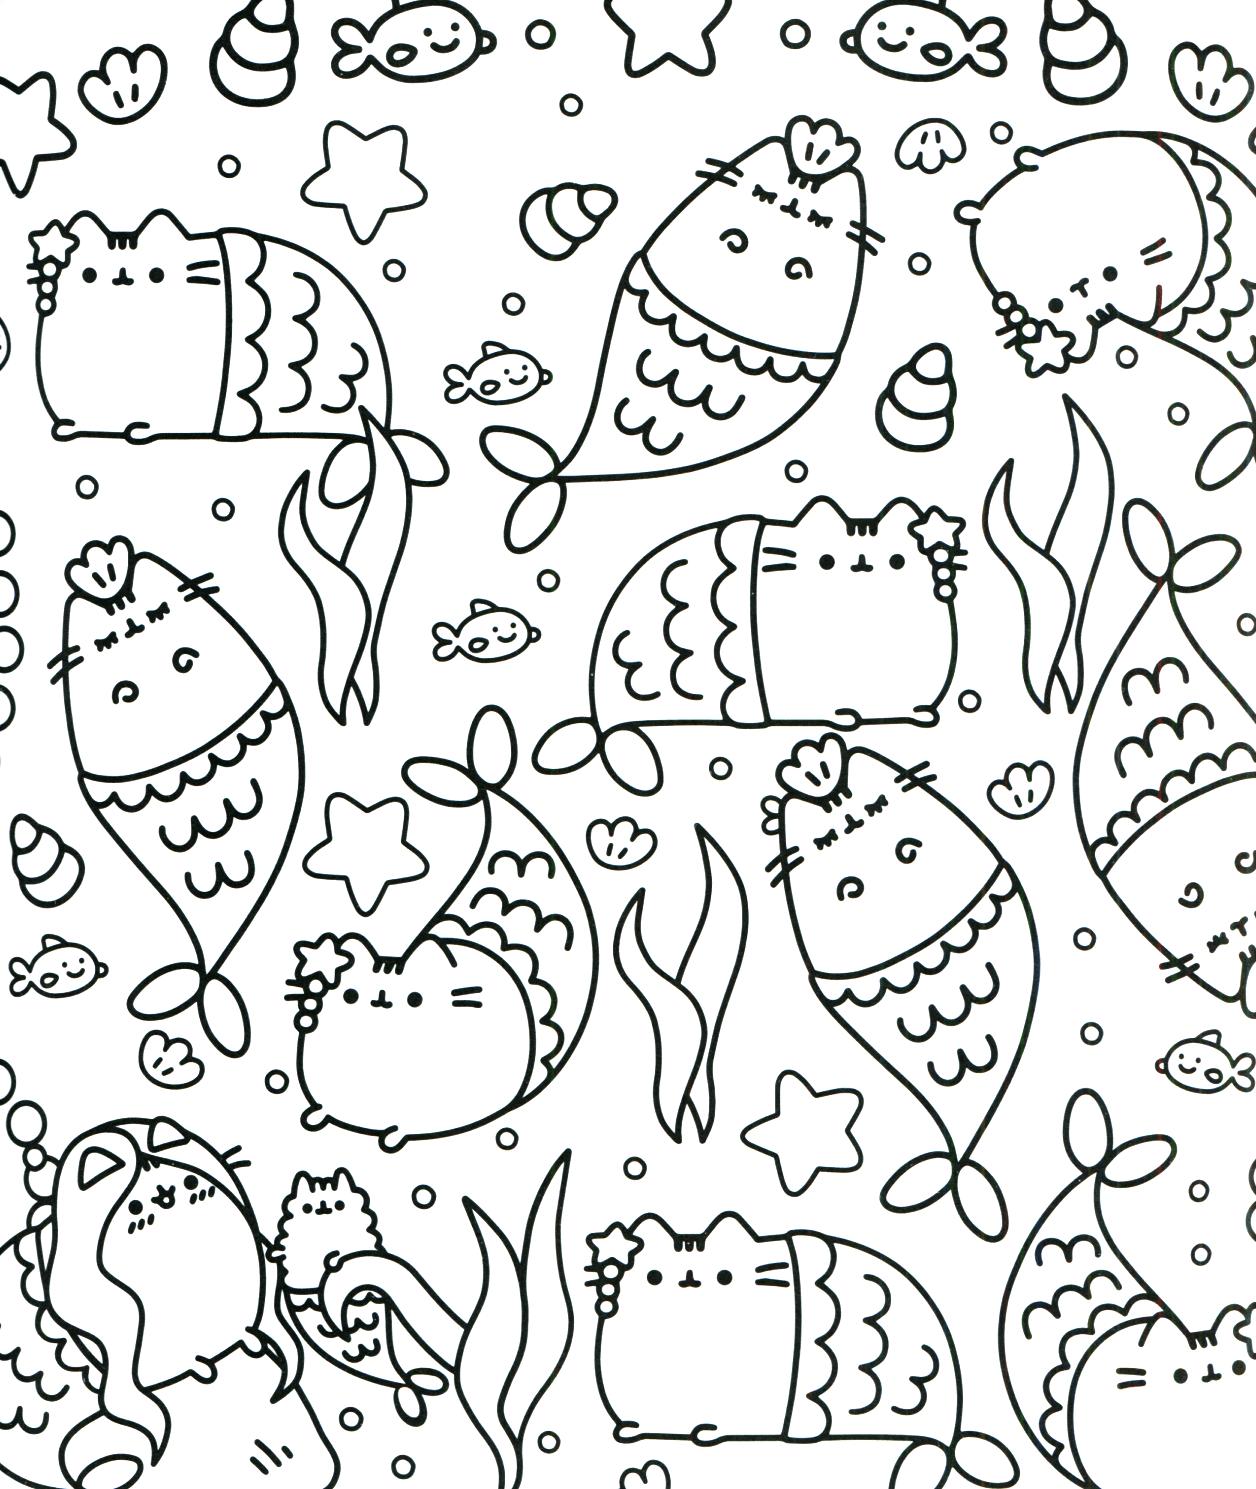 Kawaii Coloring Pages